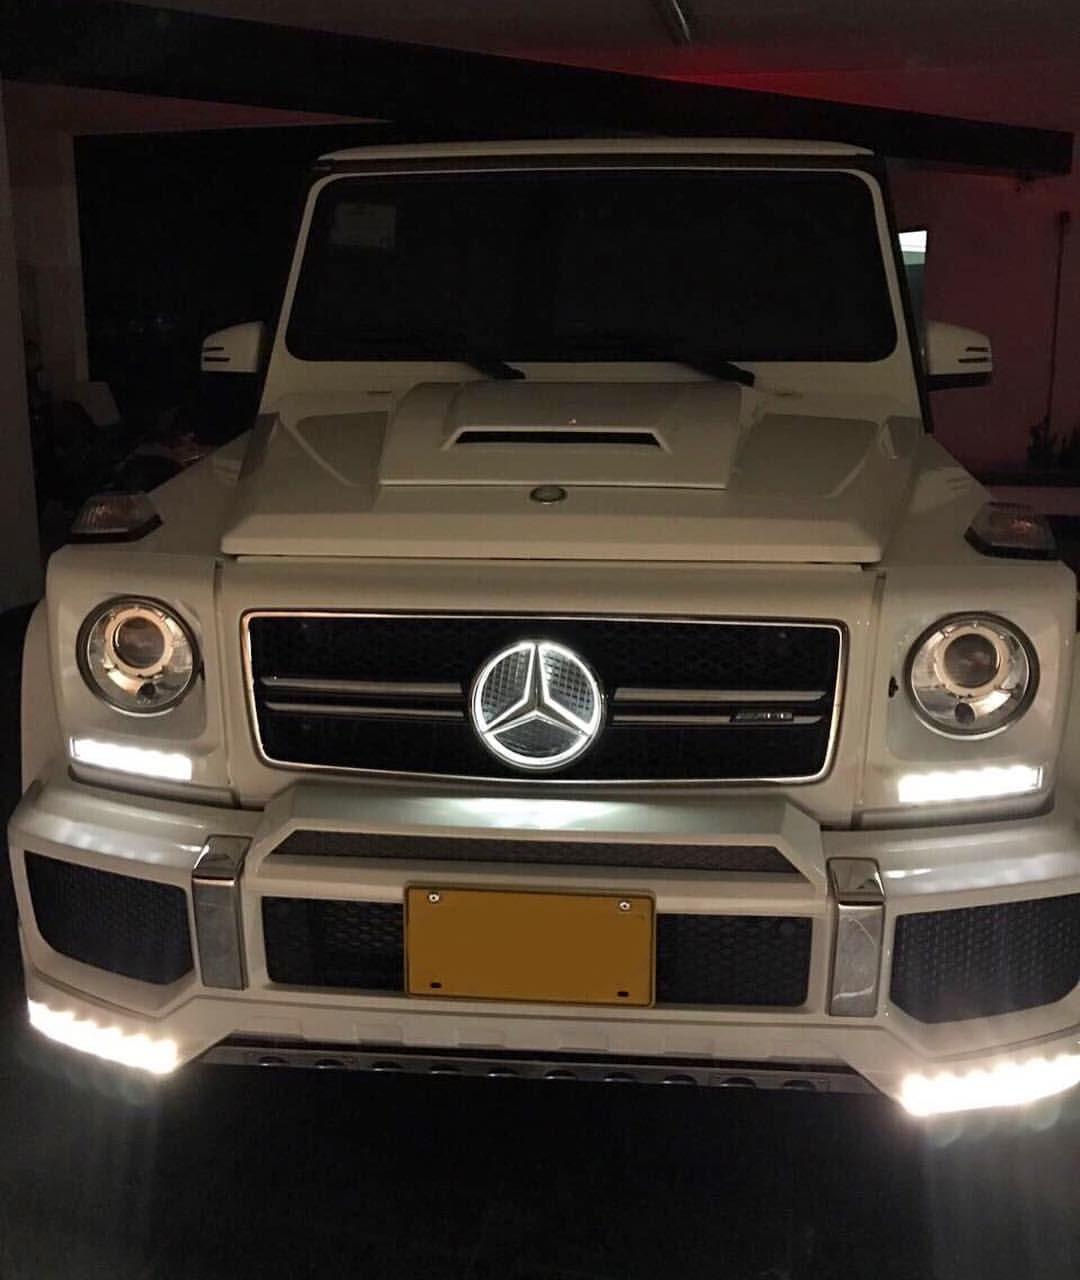 Mercedes Benz G63 Amg 5 5l V8 Biturbo 5s 250km H 571hp